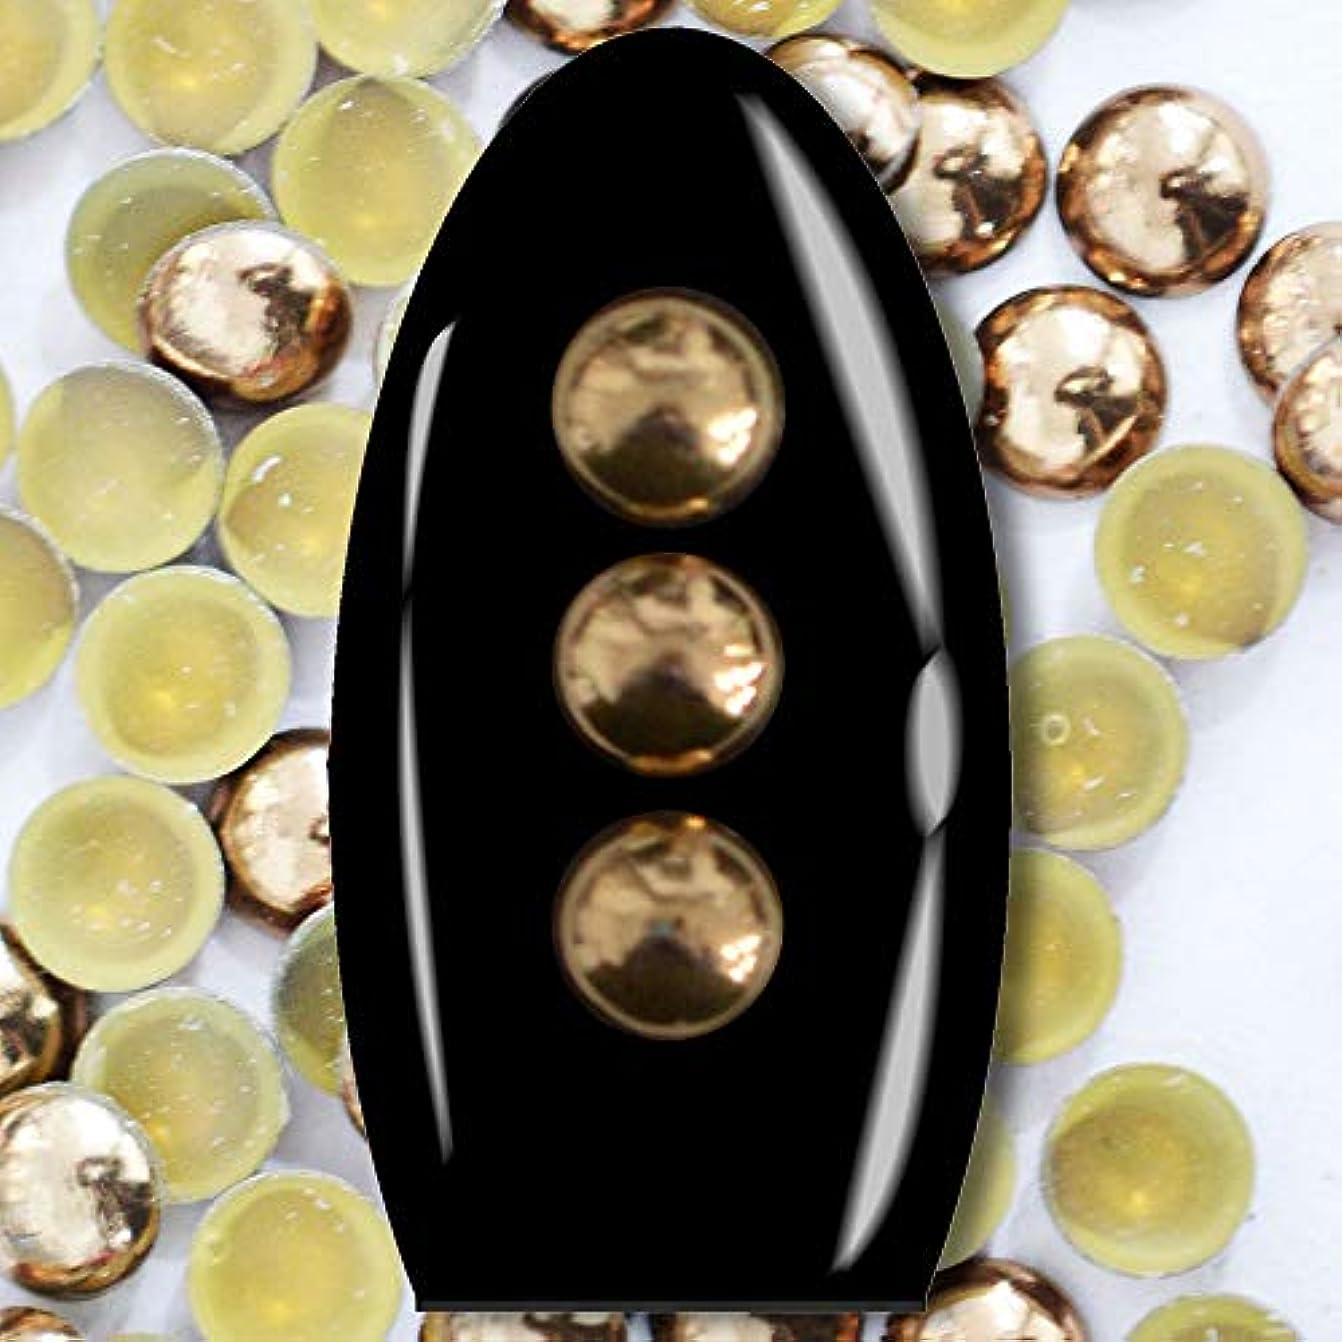 インド近く天文学メタルスタッズ ネイル用 100粒 STZ027 ラウンド ブロンズド Φ3.5mm ぷっくり半球型